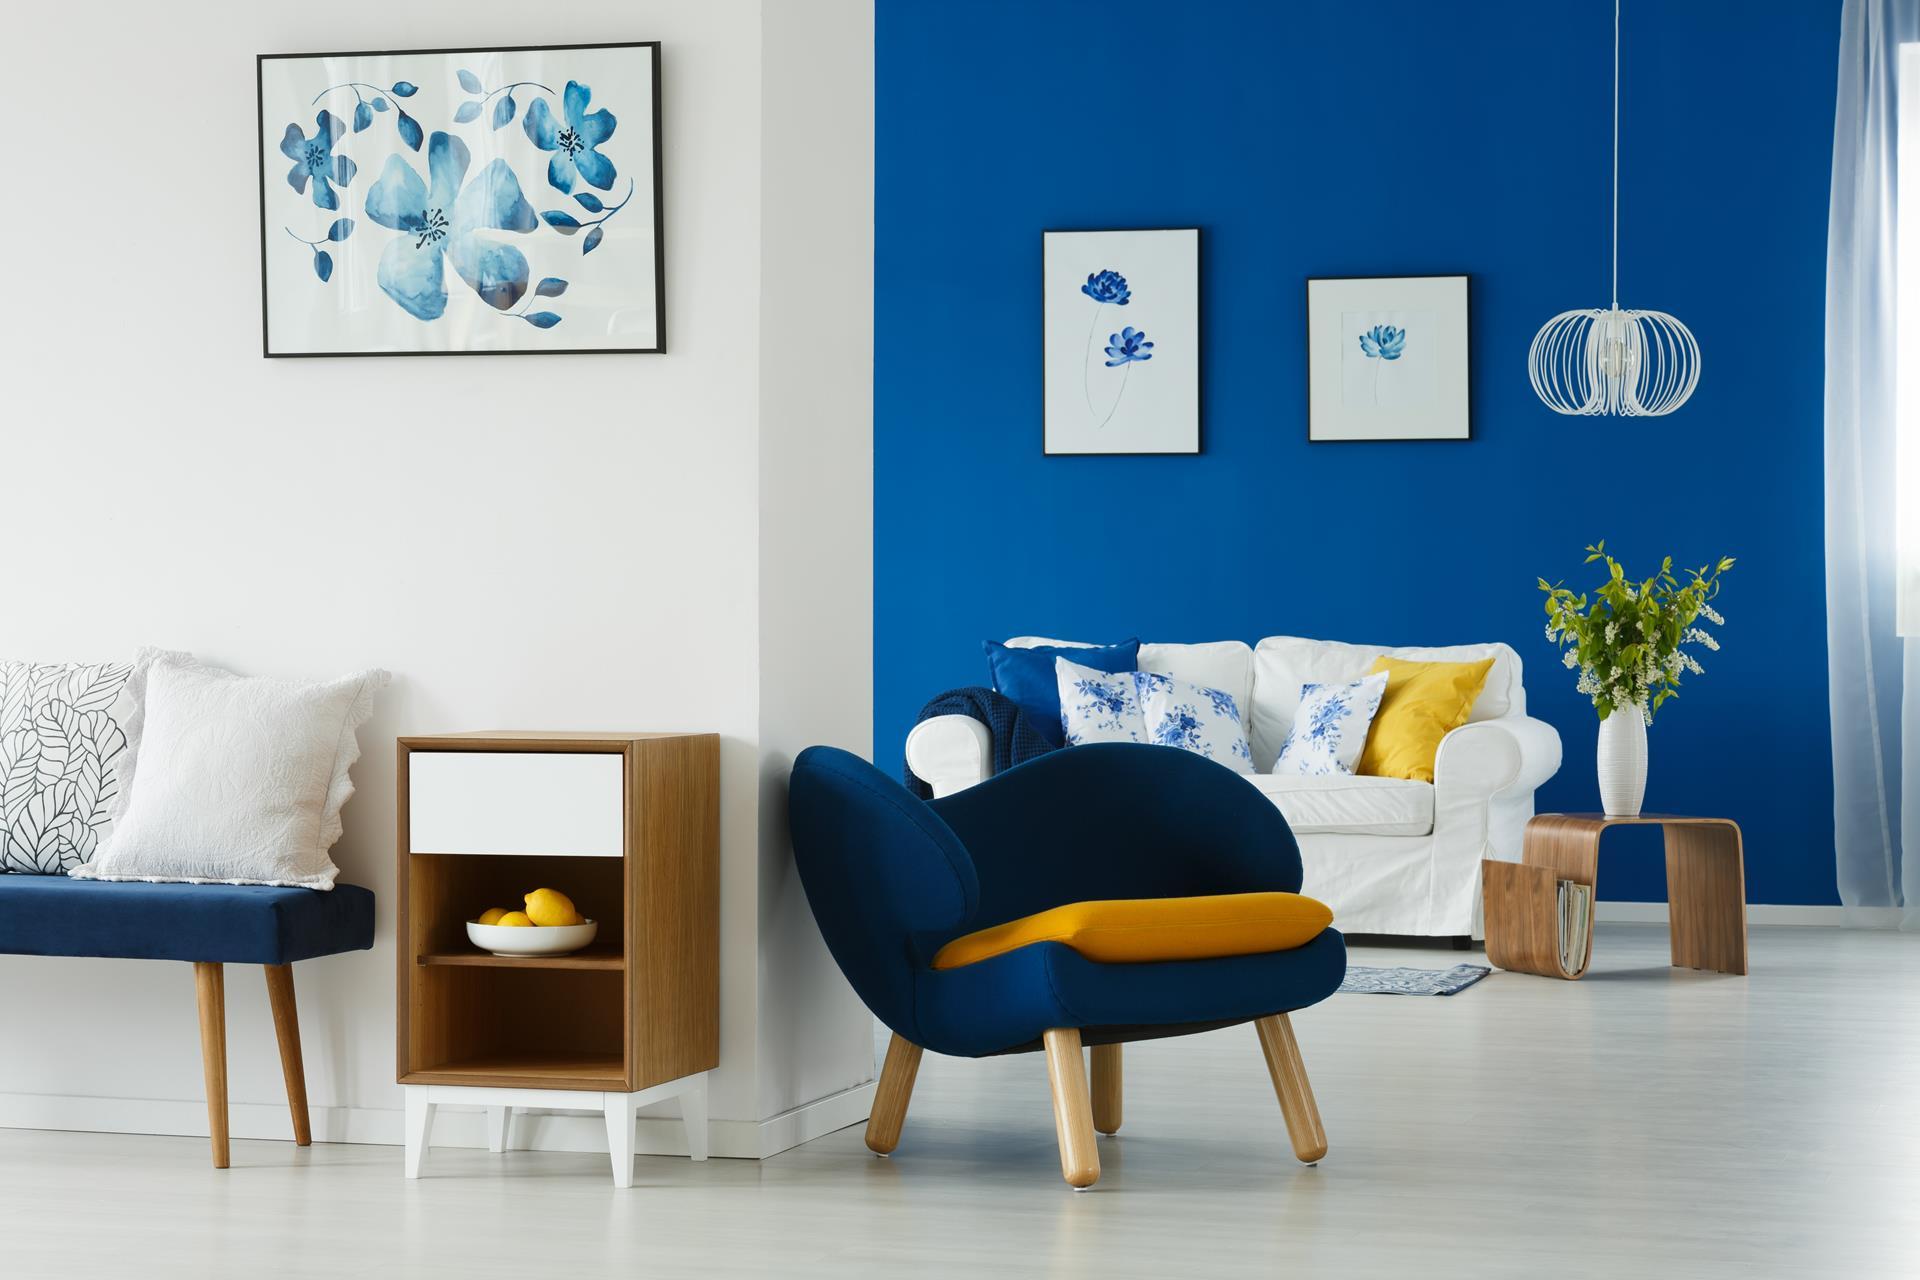 Illuminer une salle de séjour : 3 couleurs adéquates pour son salon !